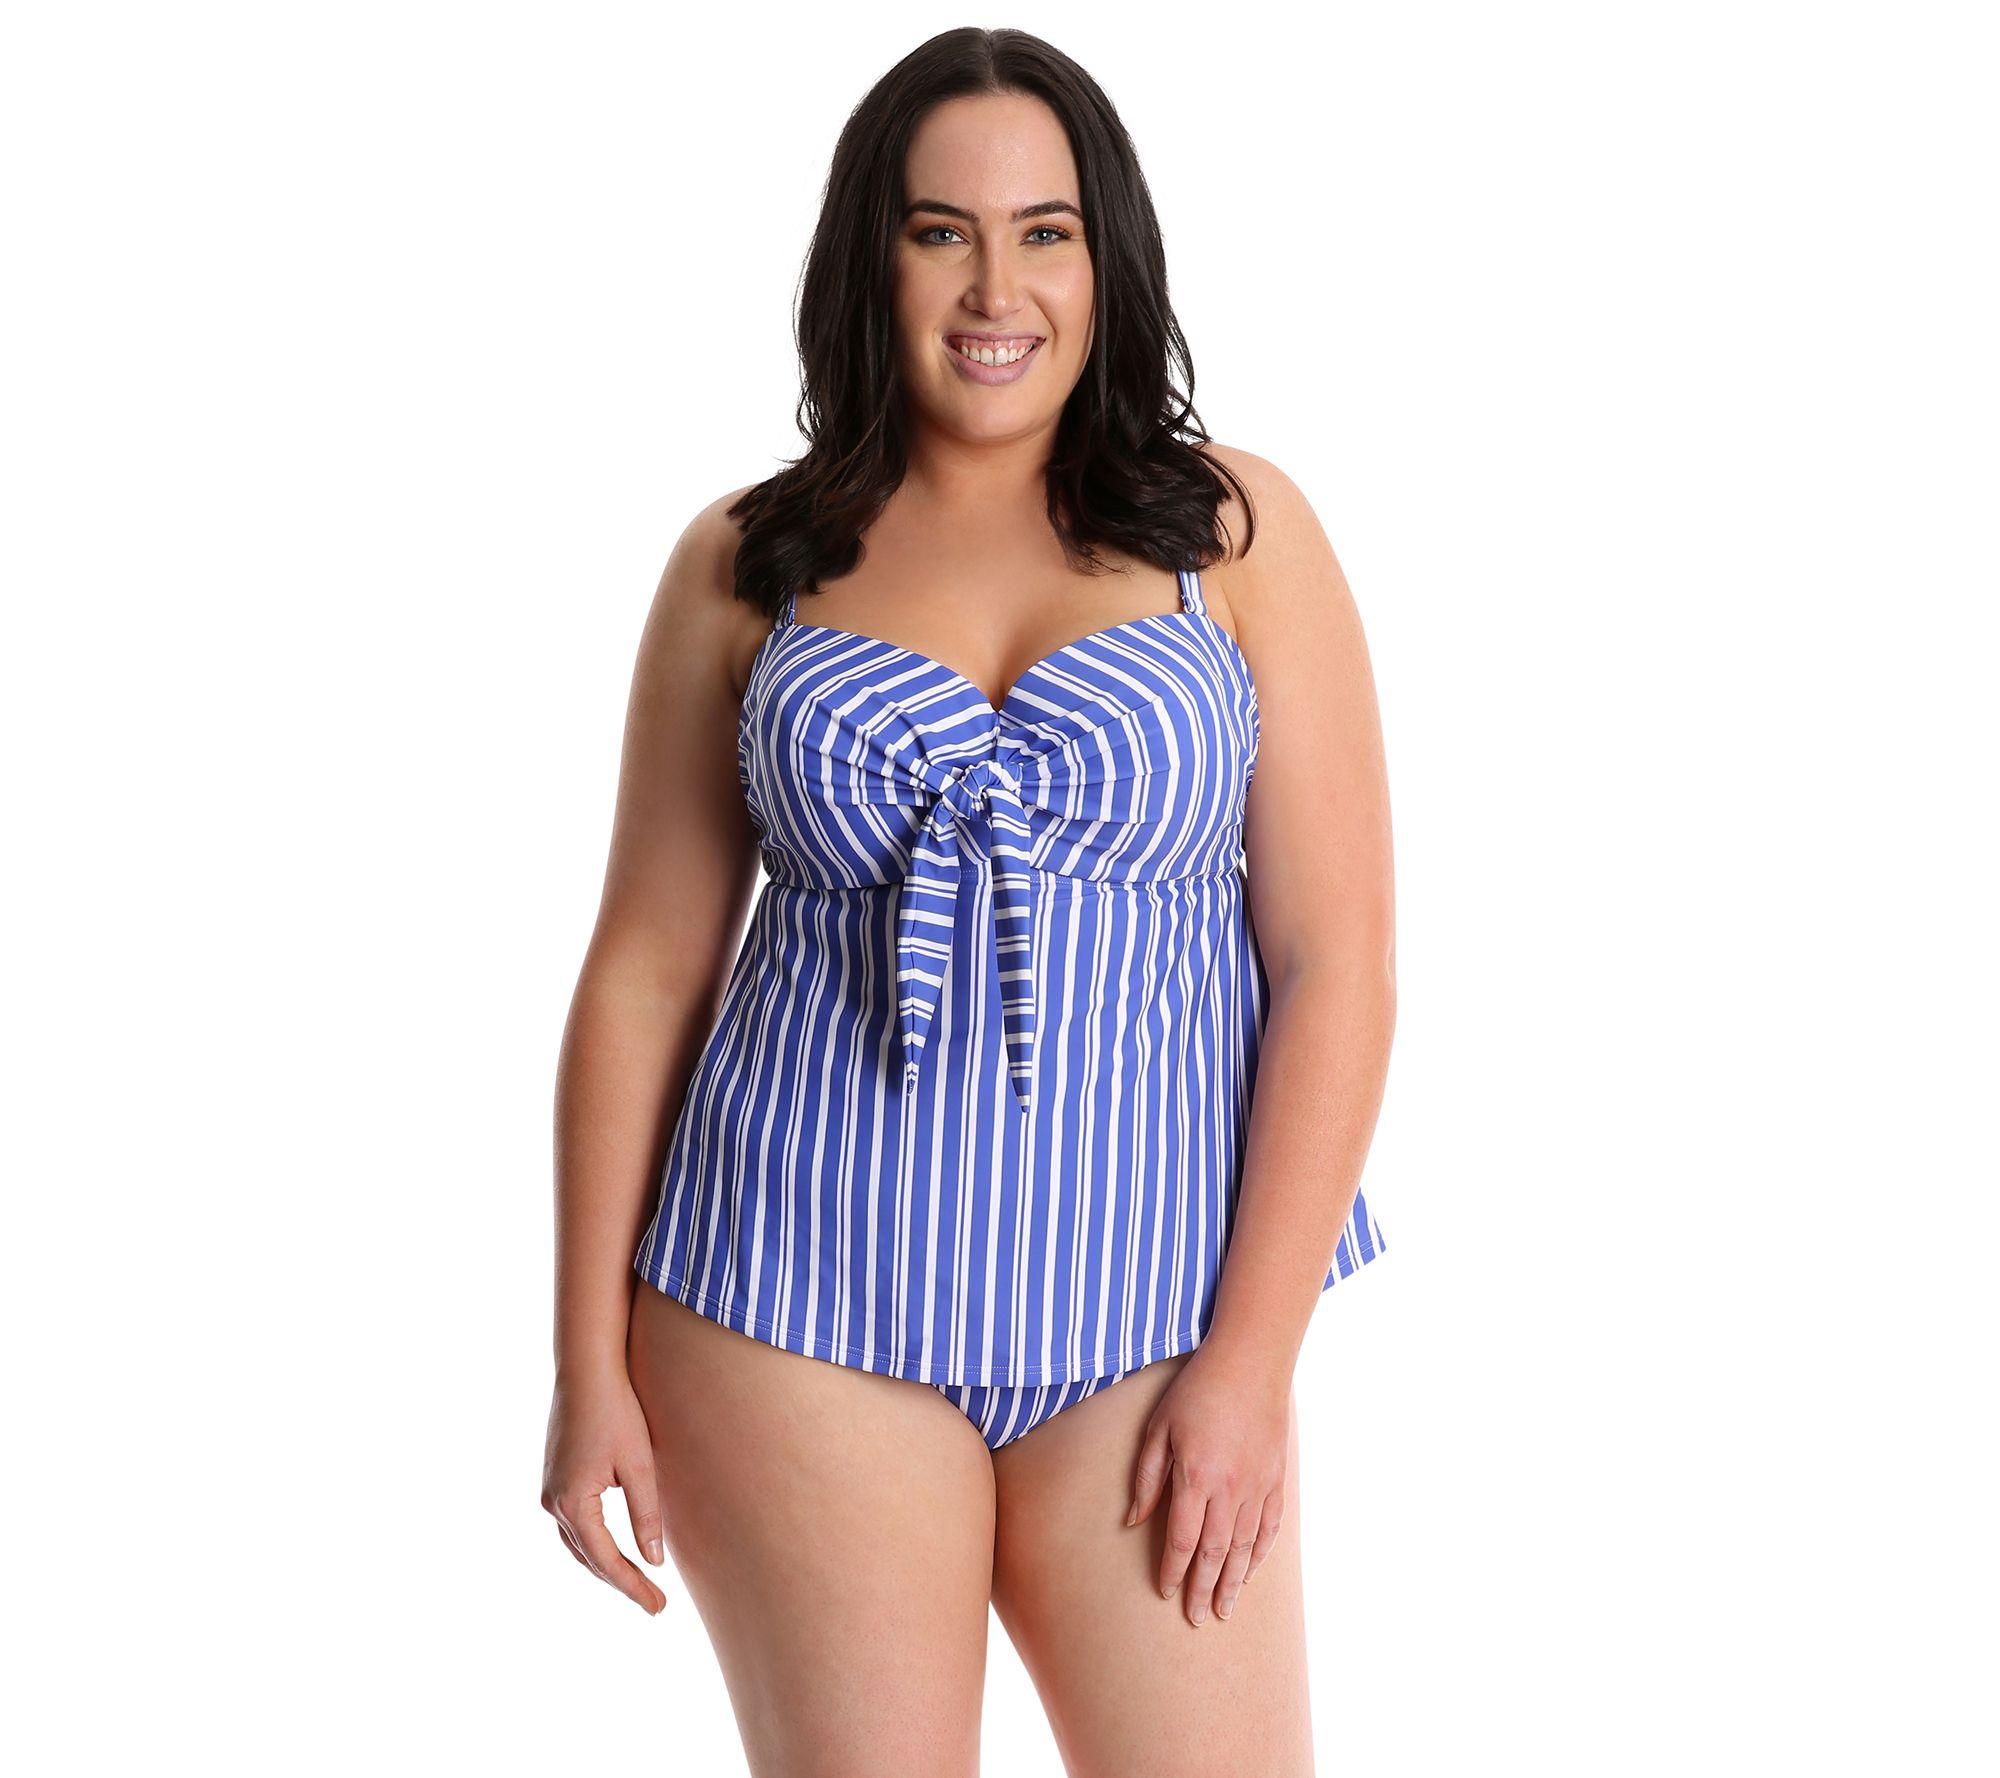 db4feeac63 LYSA Striped Tankini Swim Top Plus Size - Jen — QVC.com